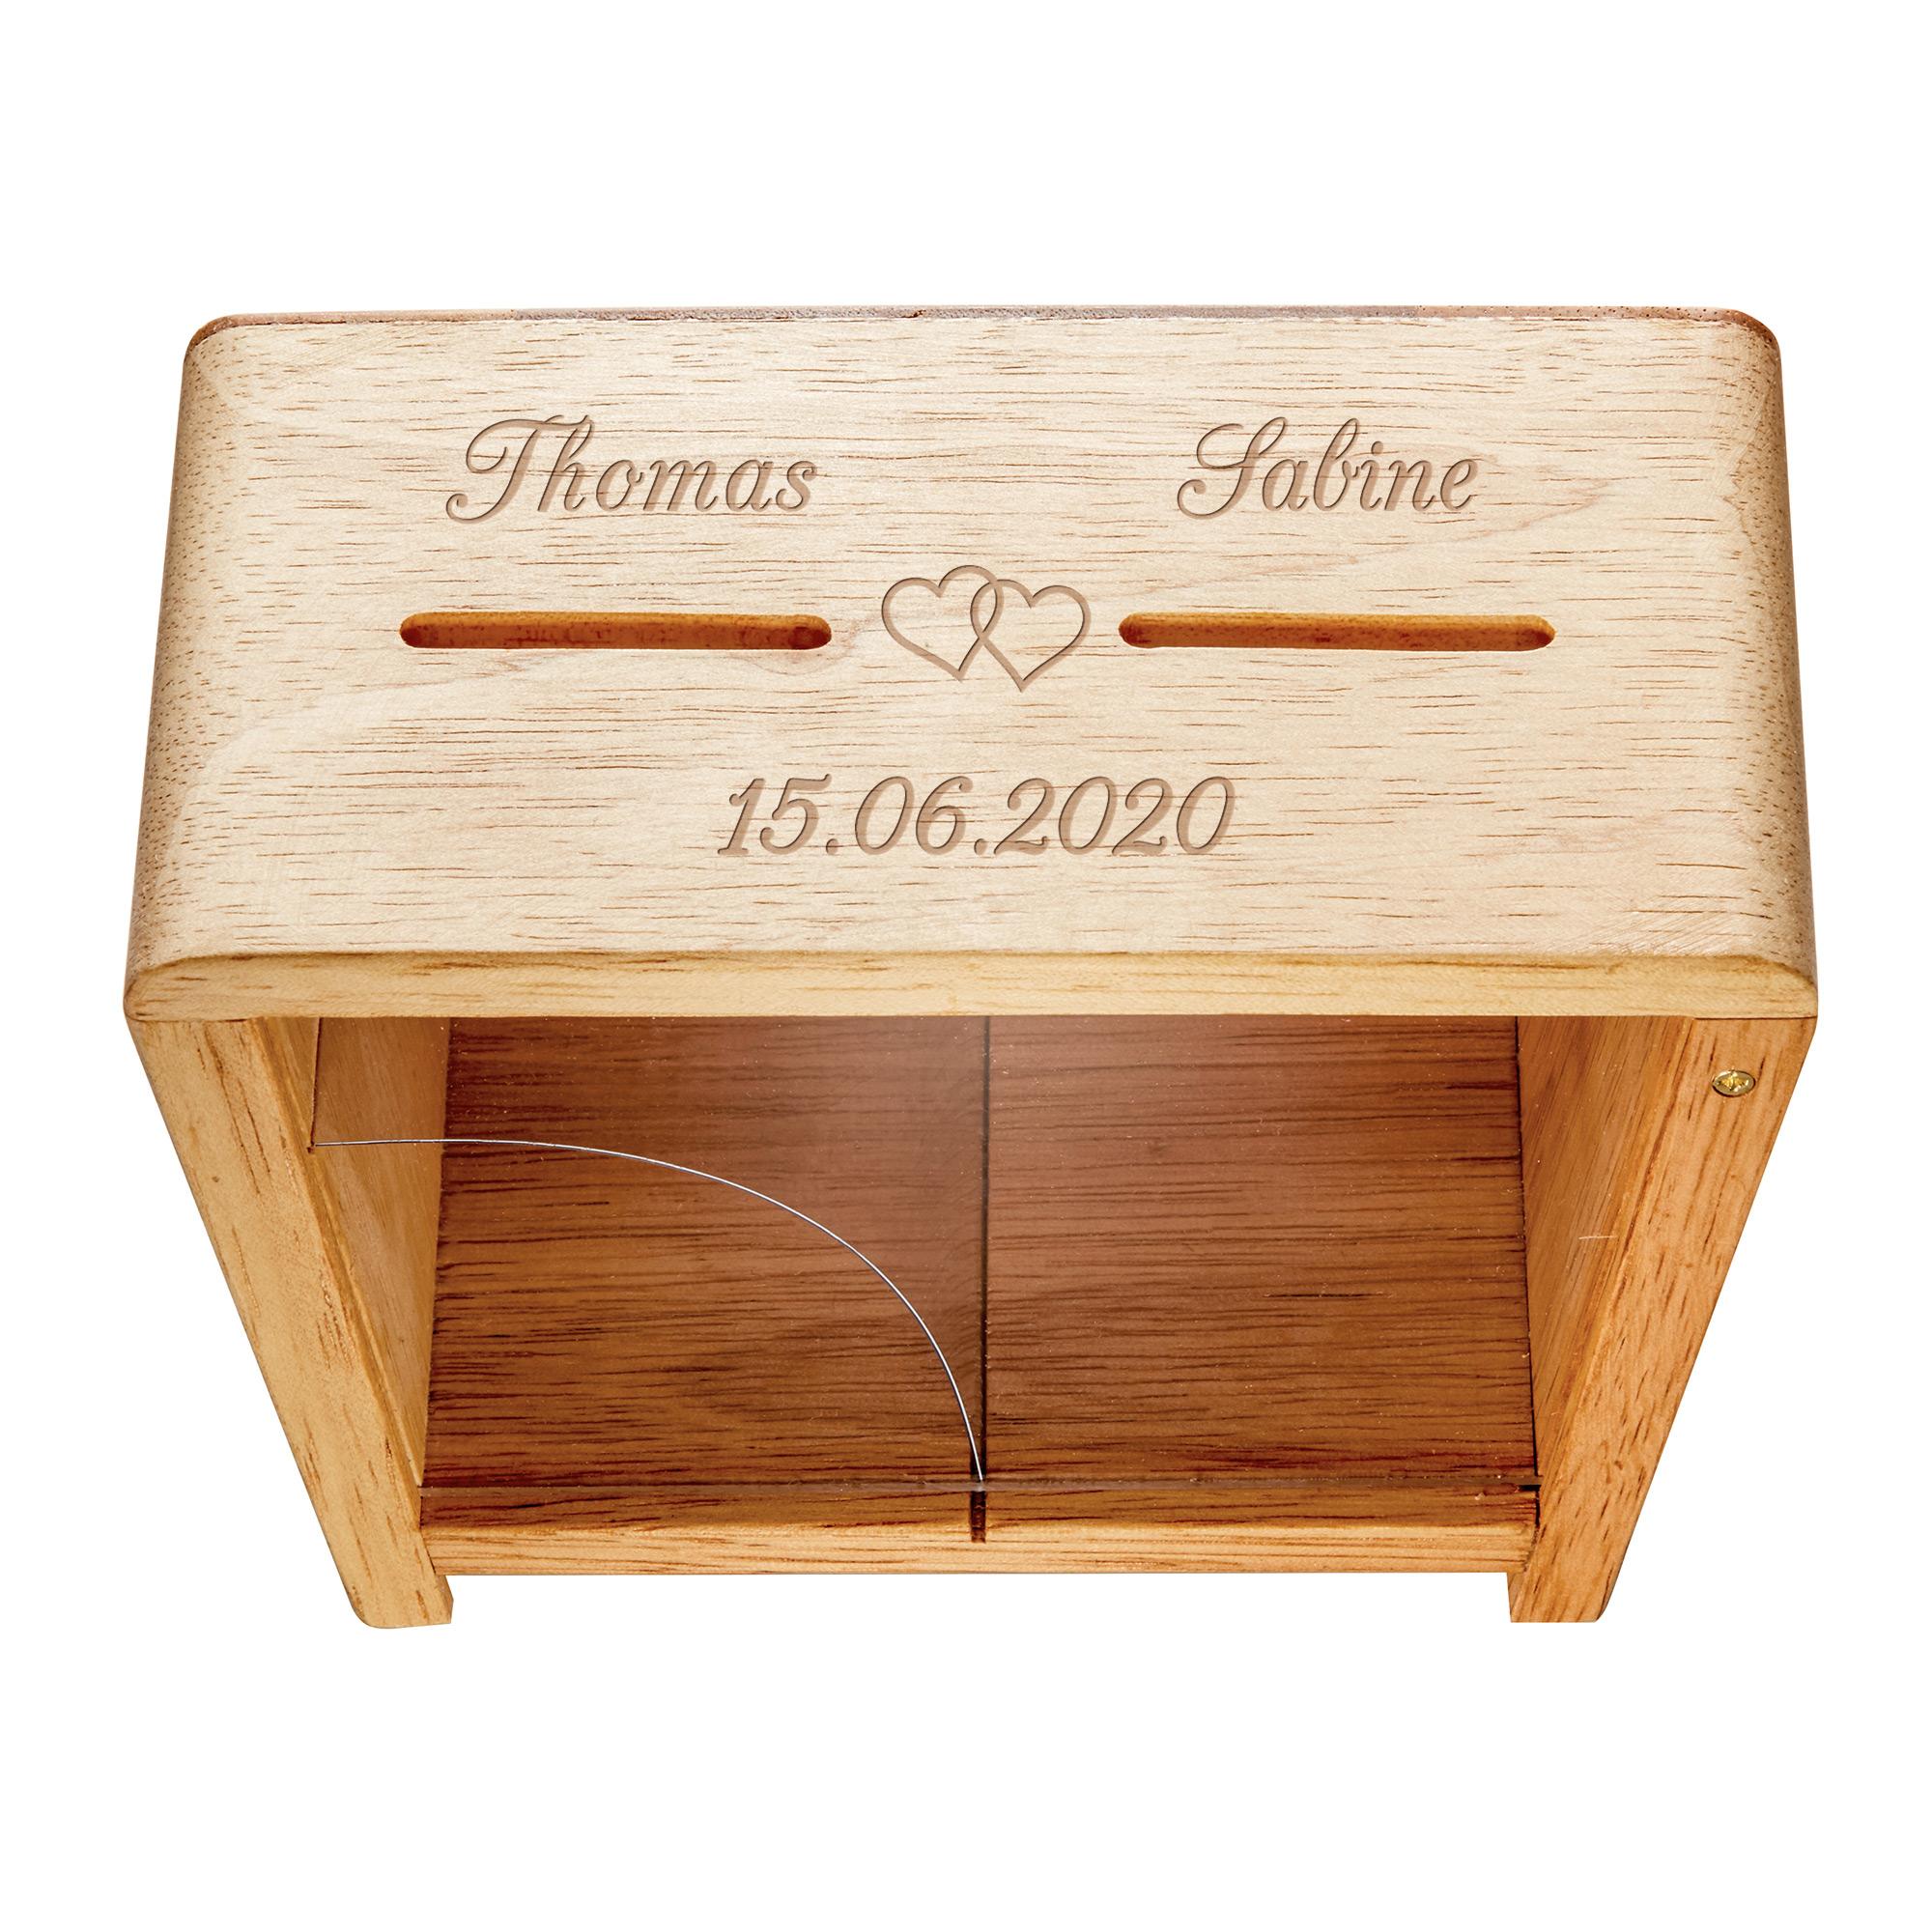 Holz Spardose zur Hochzeit mit Gravur Er und Sie - Personalisiert